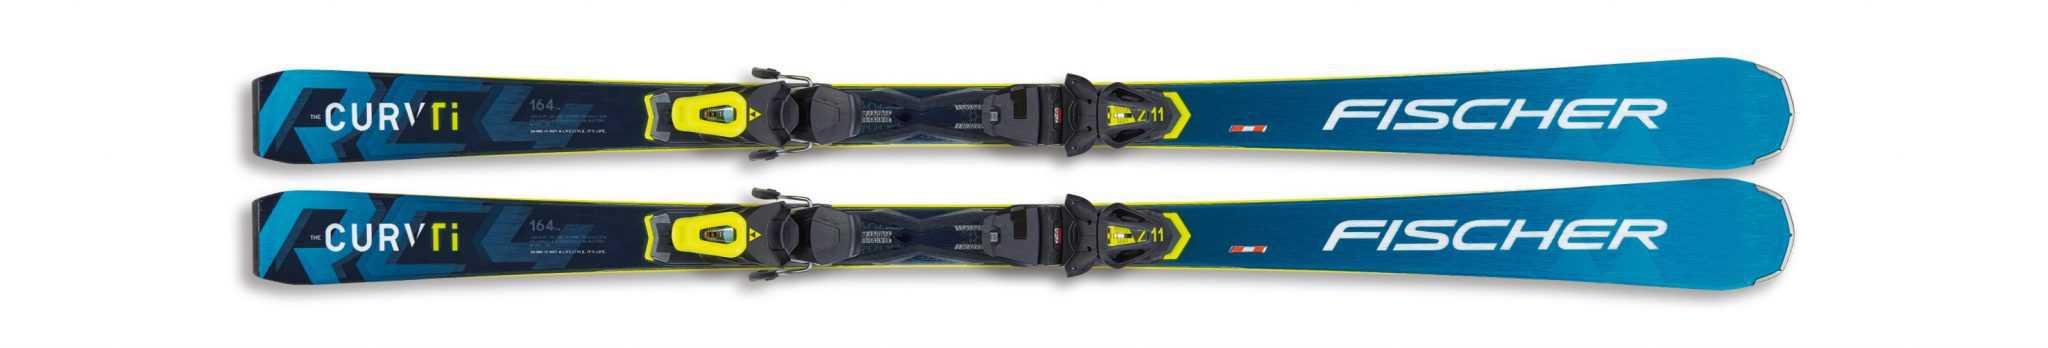 Fischer P09518 Progr. F18+RS11 GW – E-Ski Alpin